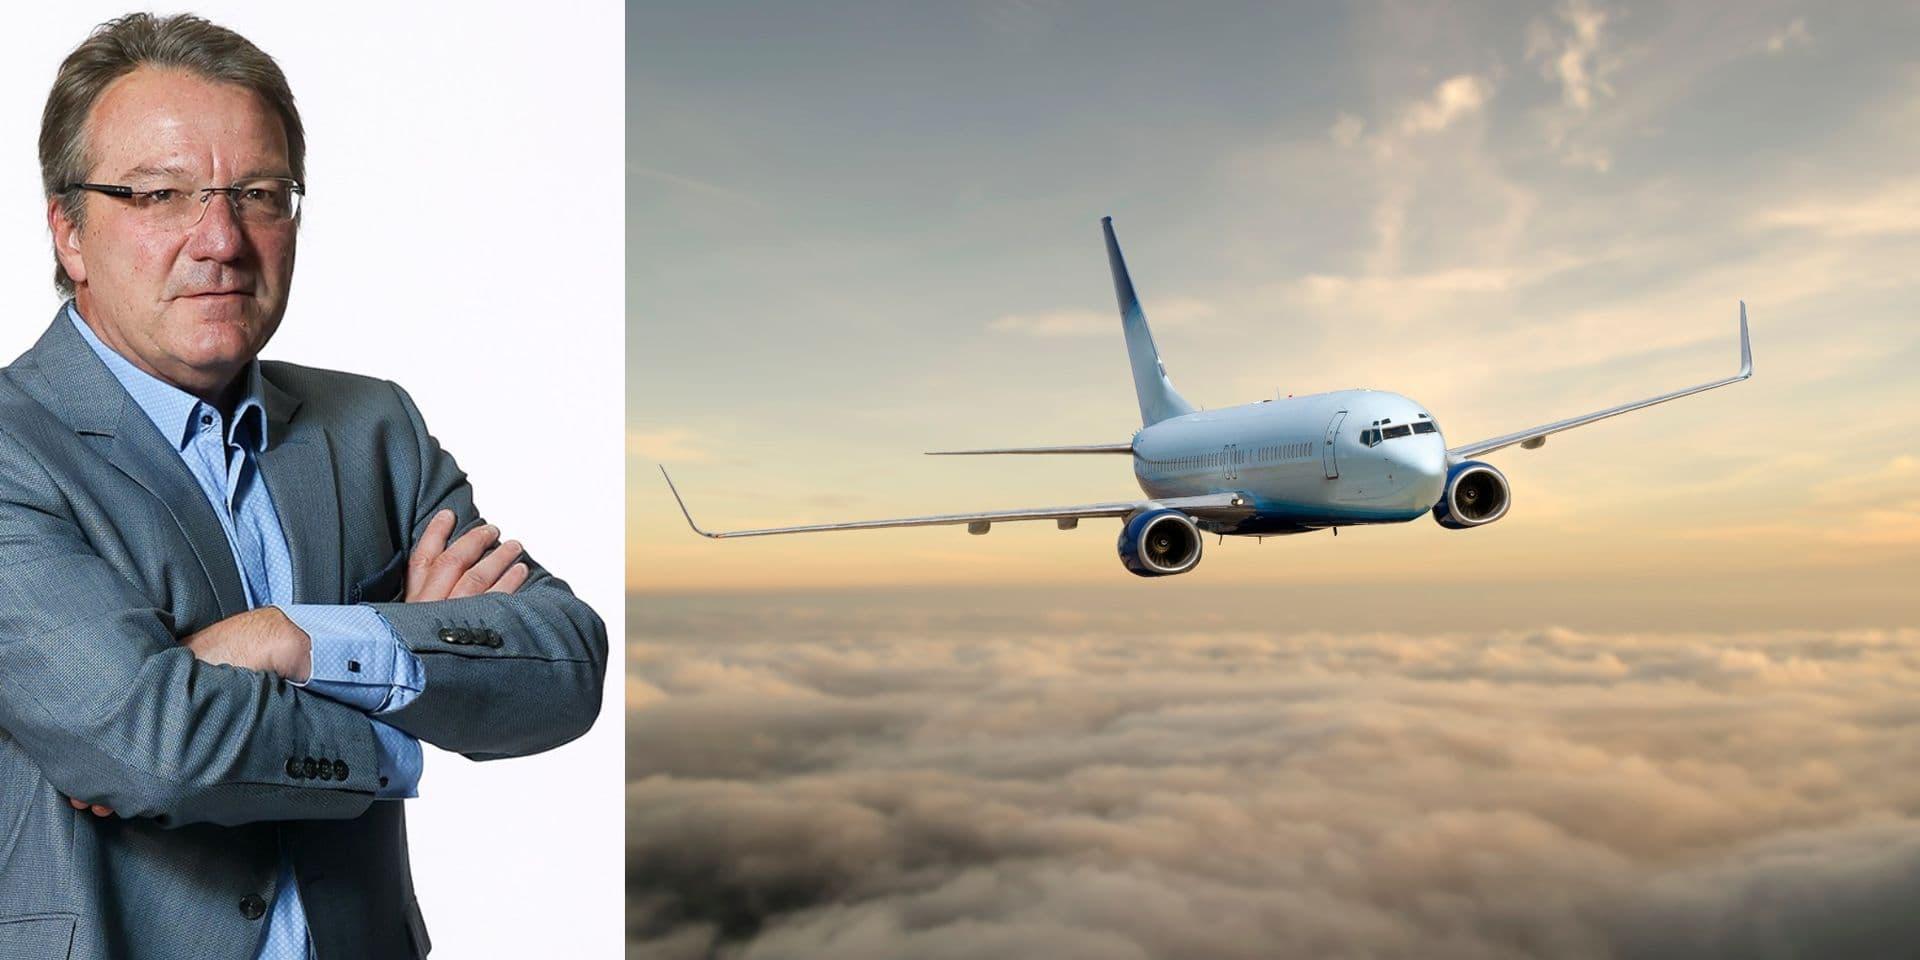 L'Edito : L'avion a encore de beaux jours devant lui